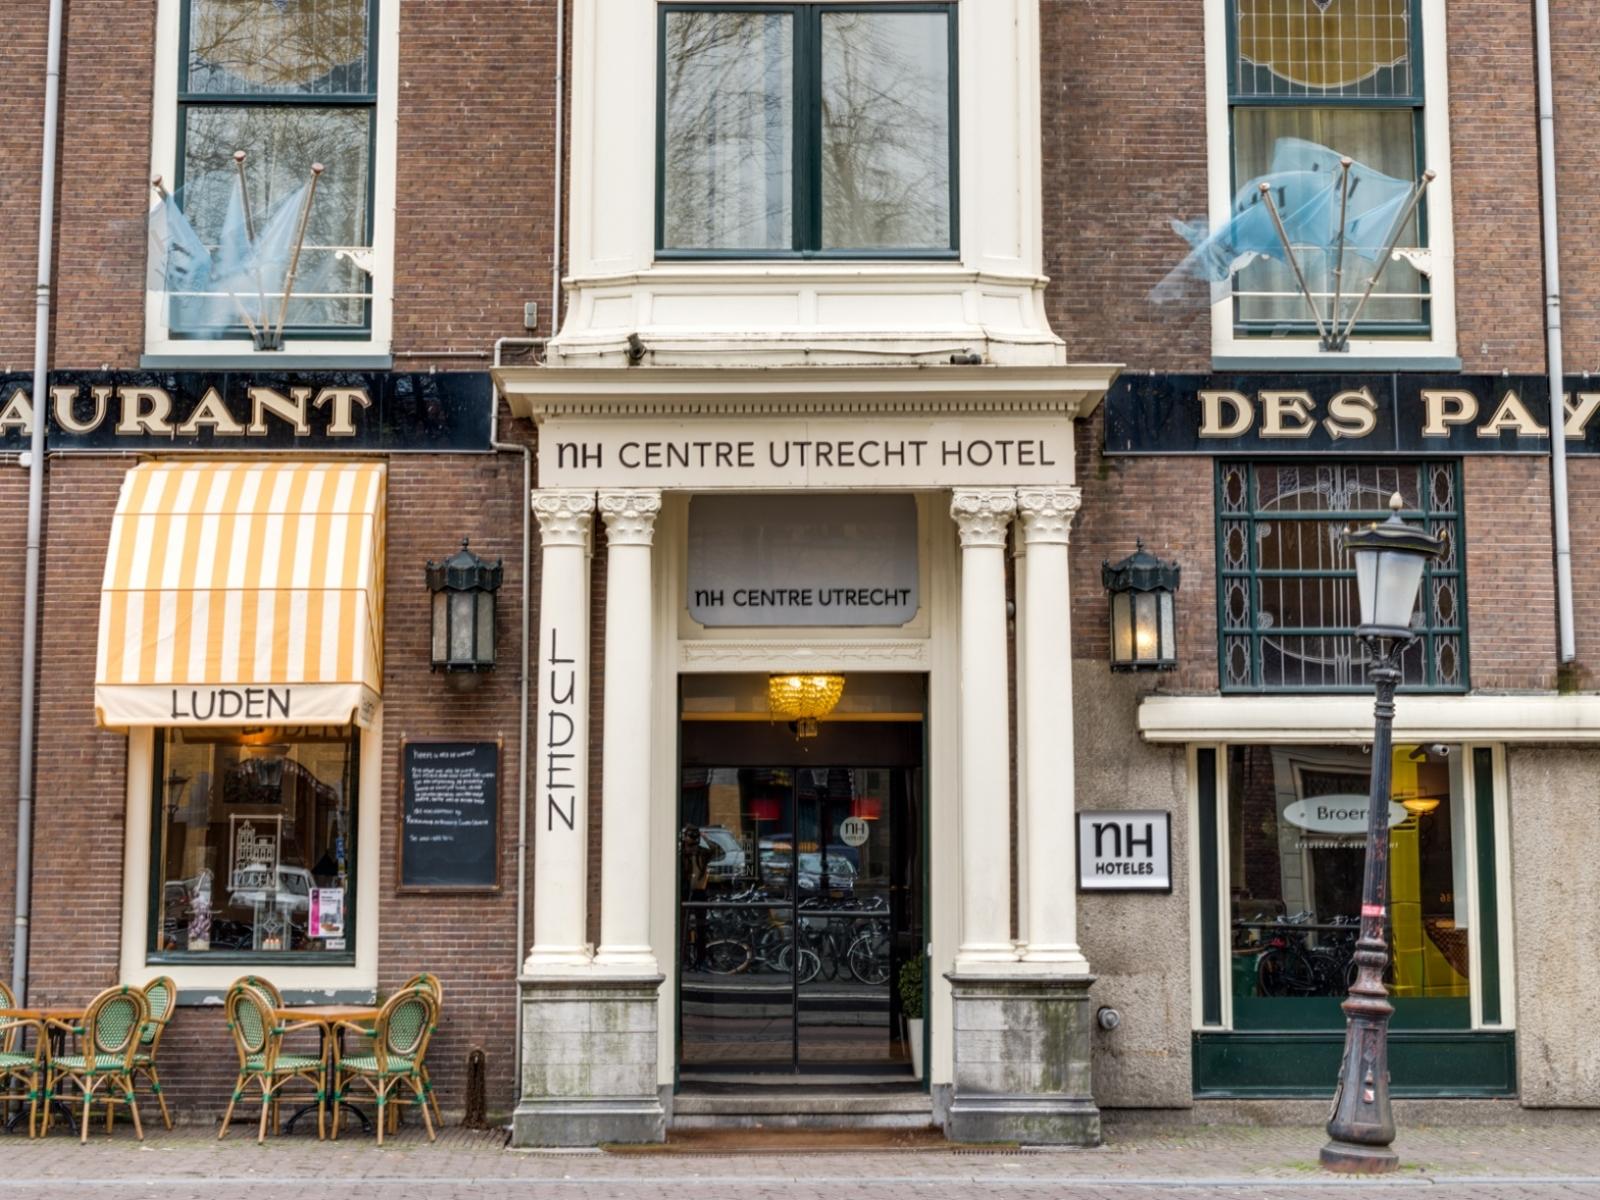 Badkamer Outlet Utrecht : Nh utrecht centre in utrecht bei hotelspecials